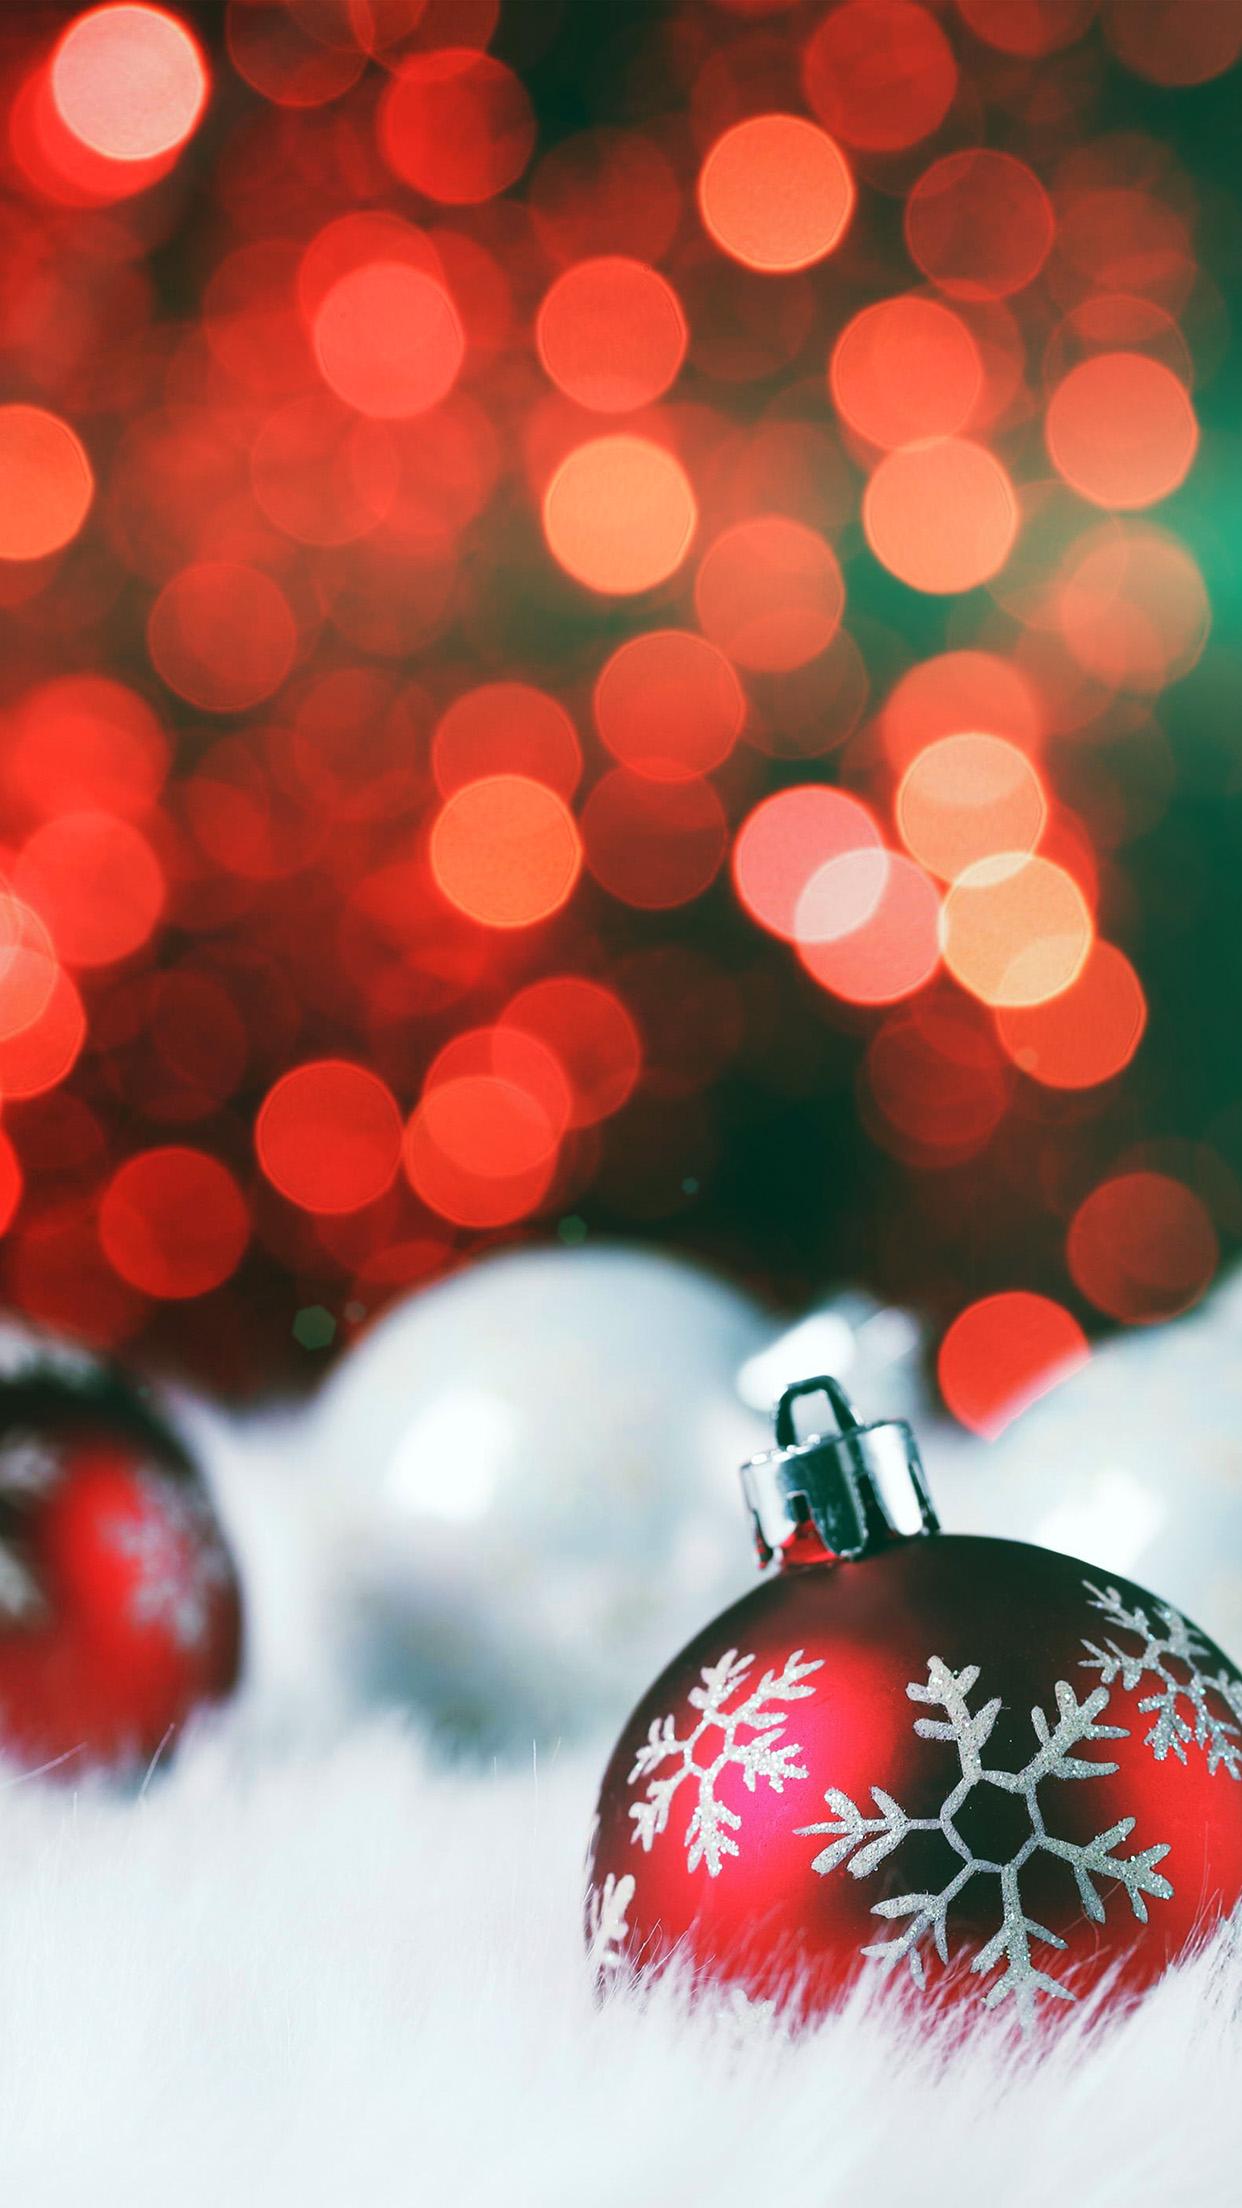 Av73 Christmas Bokeh Holiday Red Illustration Art Flare